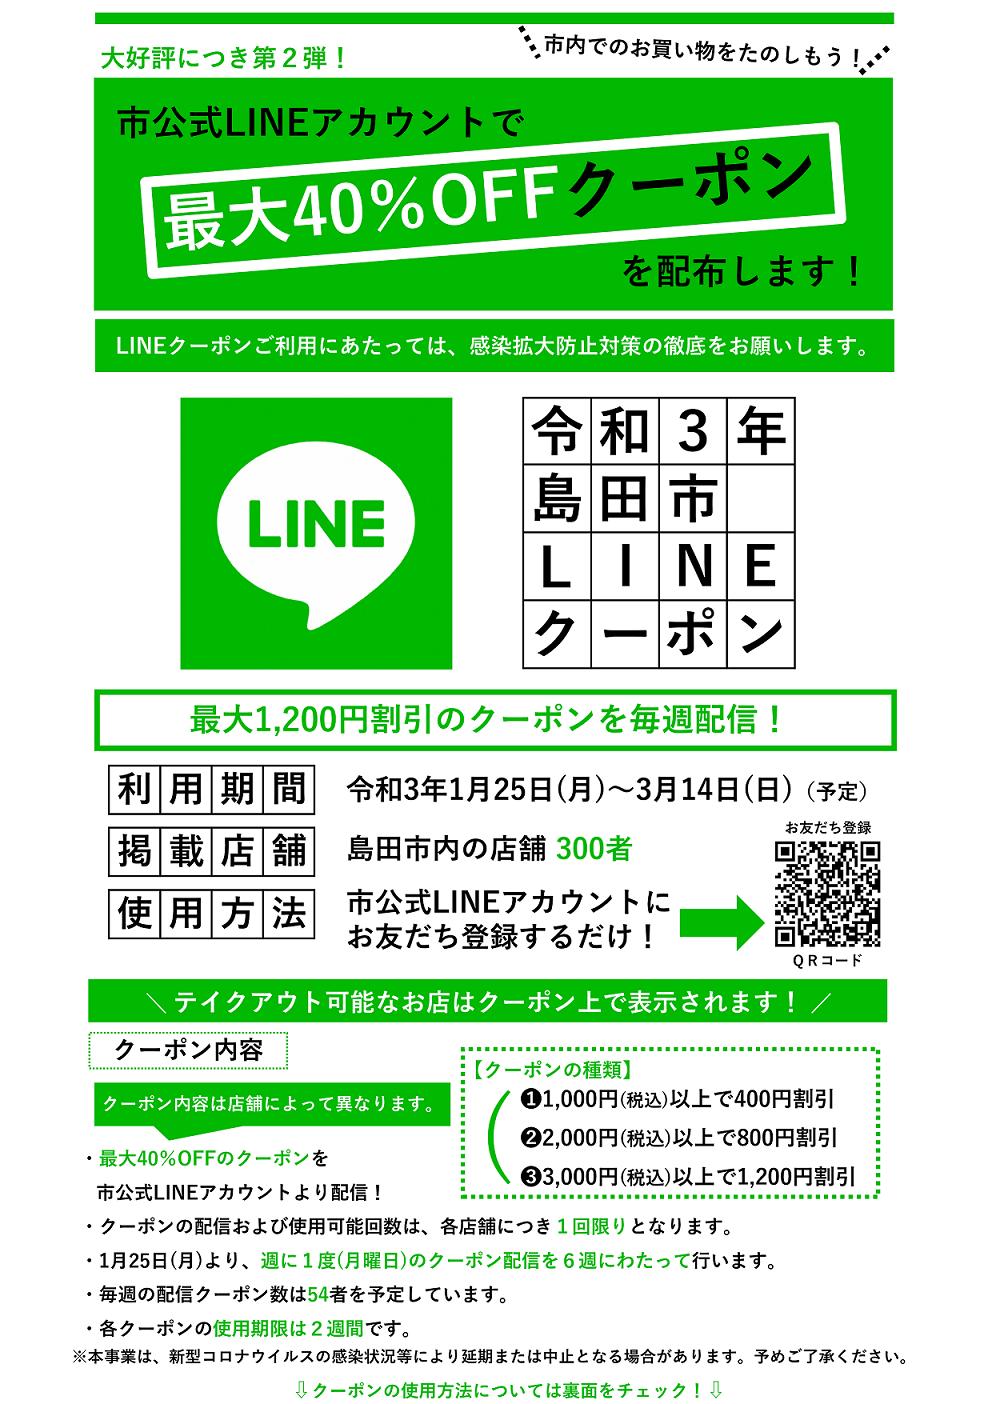 島田市LINEクーポン(第2弾)の配信情報